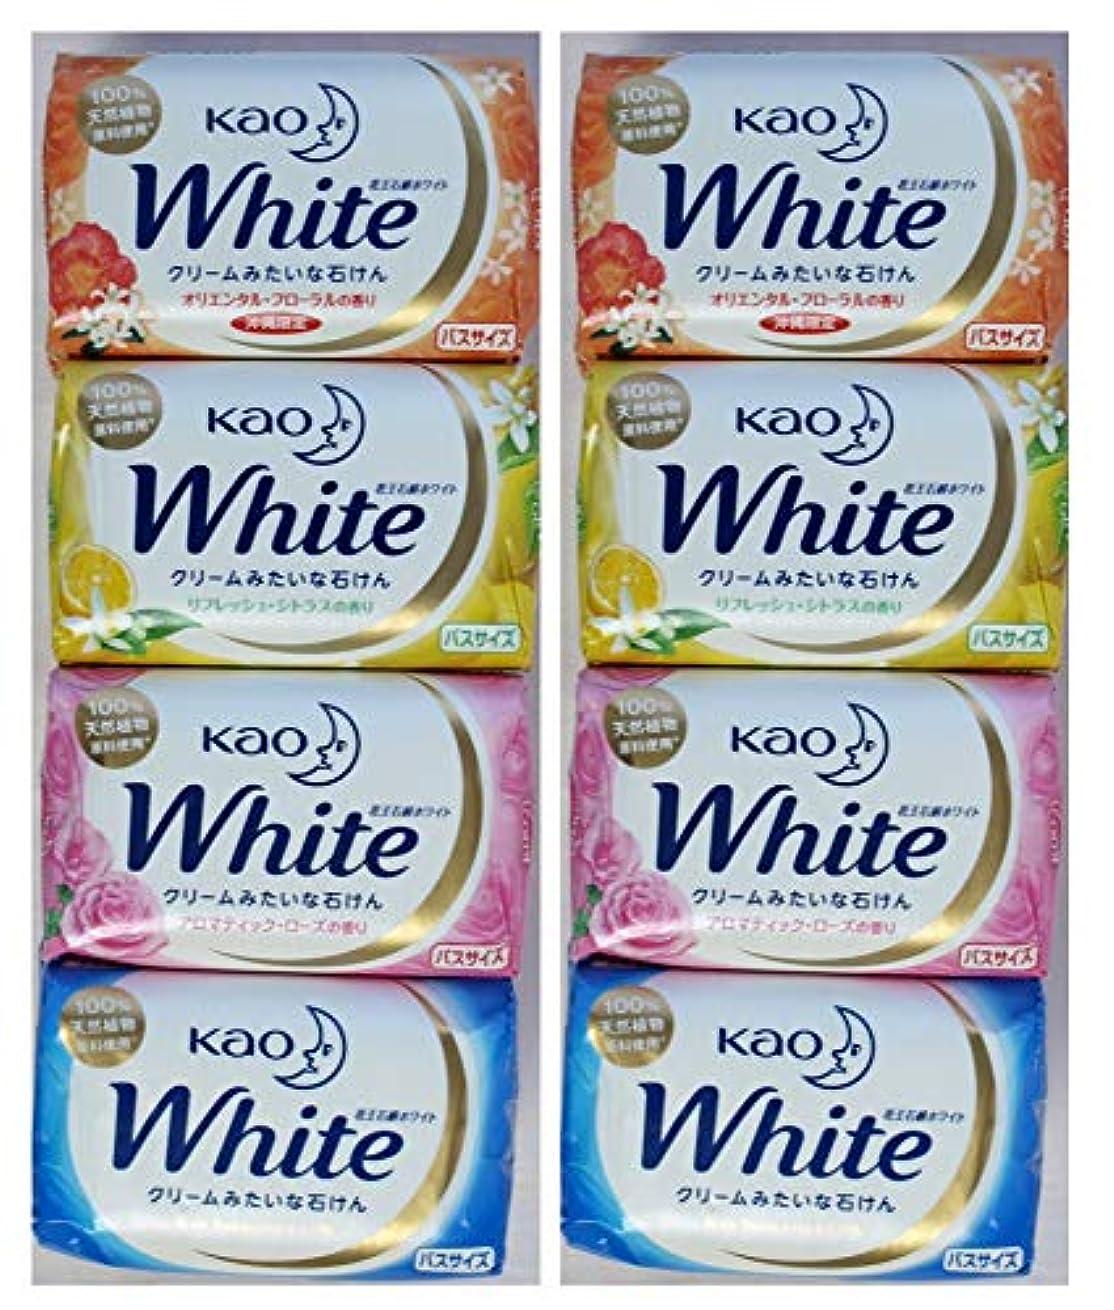 一見ジューススローガン561988-8P 花王 Kao 石けんホワイト 4つの香り(オリエンタルフローラル/ホワイトフローラル/アロマティックローズ/リフレッシュシトラスの4種) 130g×4種×2set 計8個